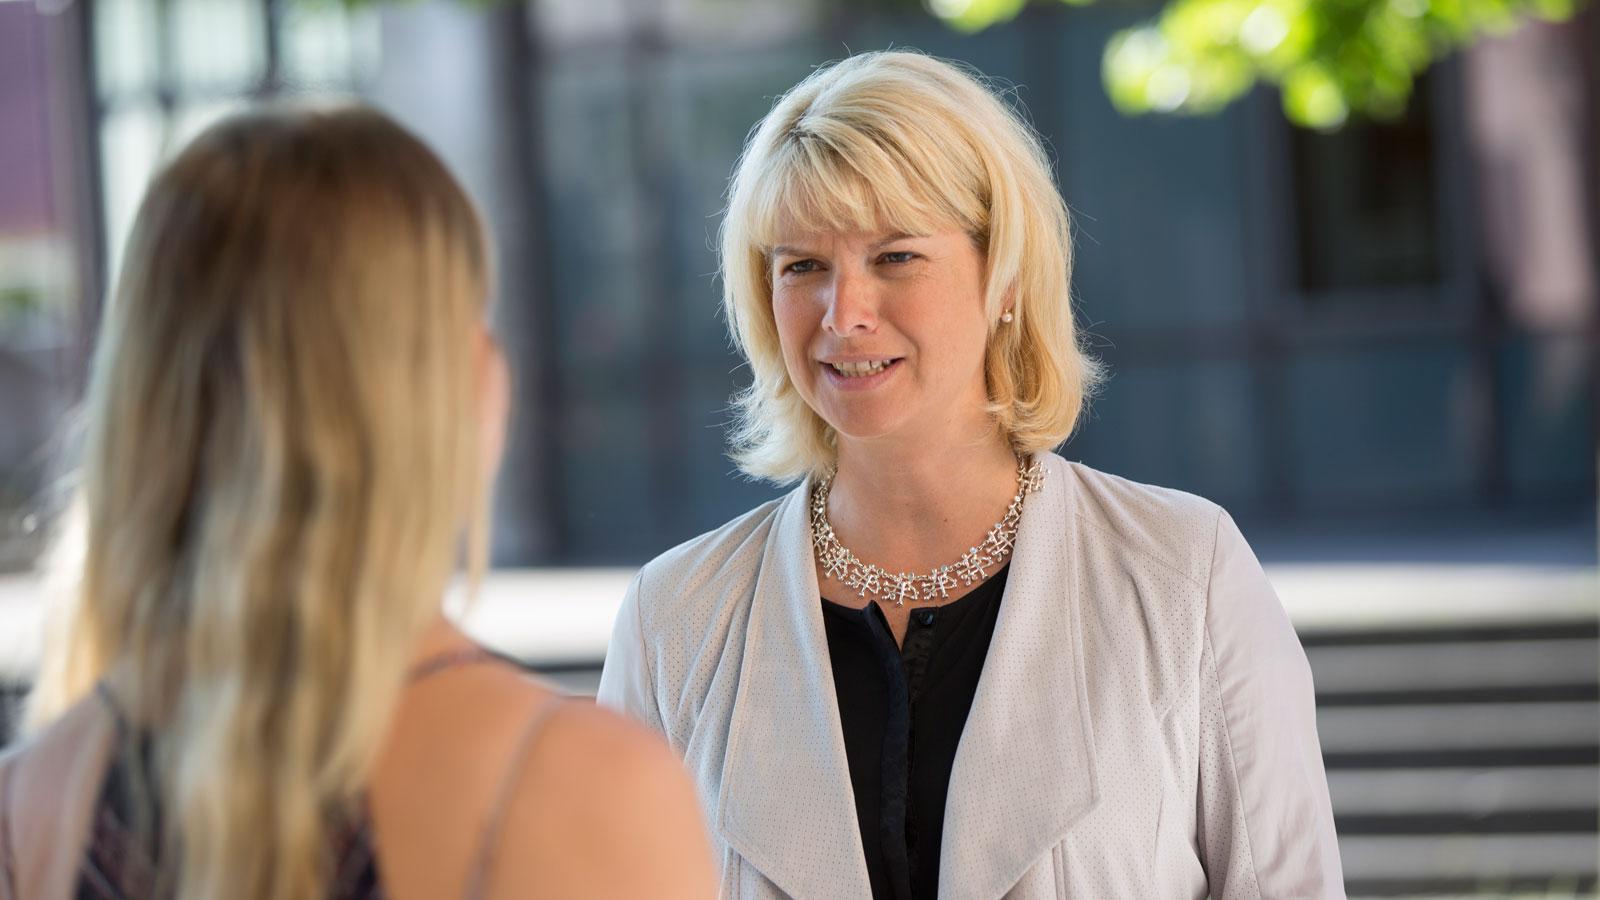 Bürgermeisterin Frau Schwaderer im Gespräch